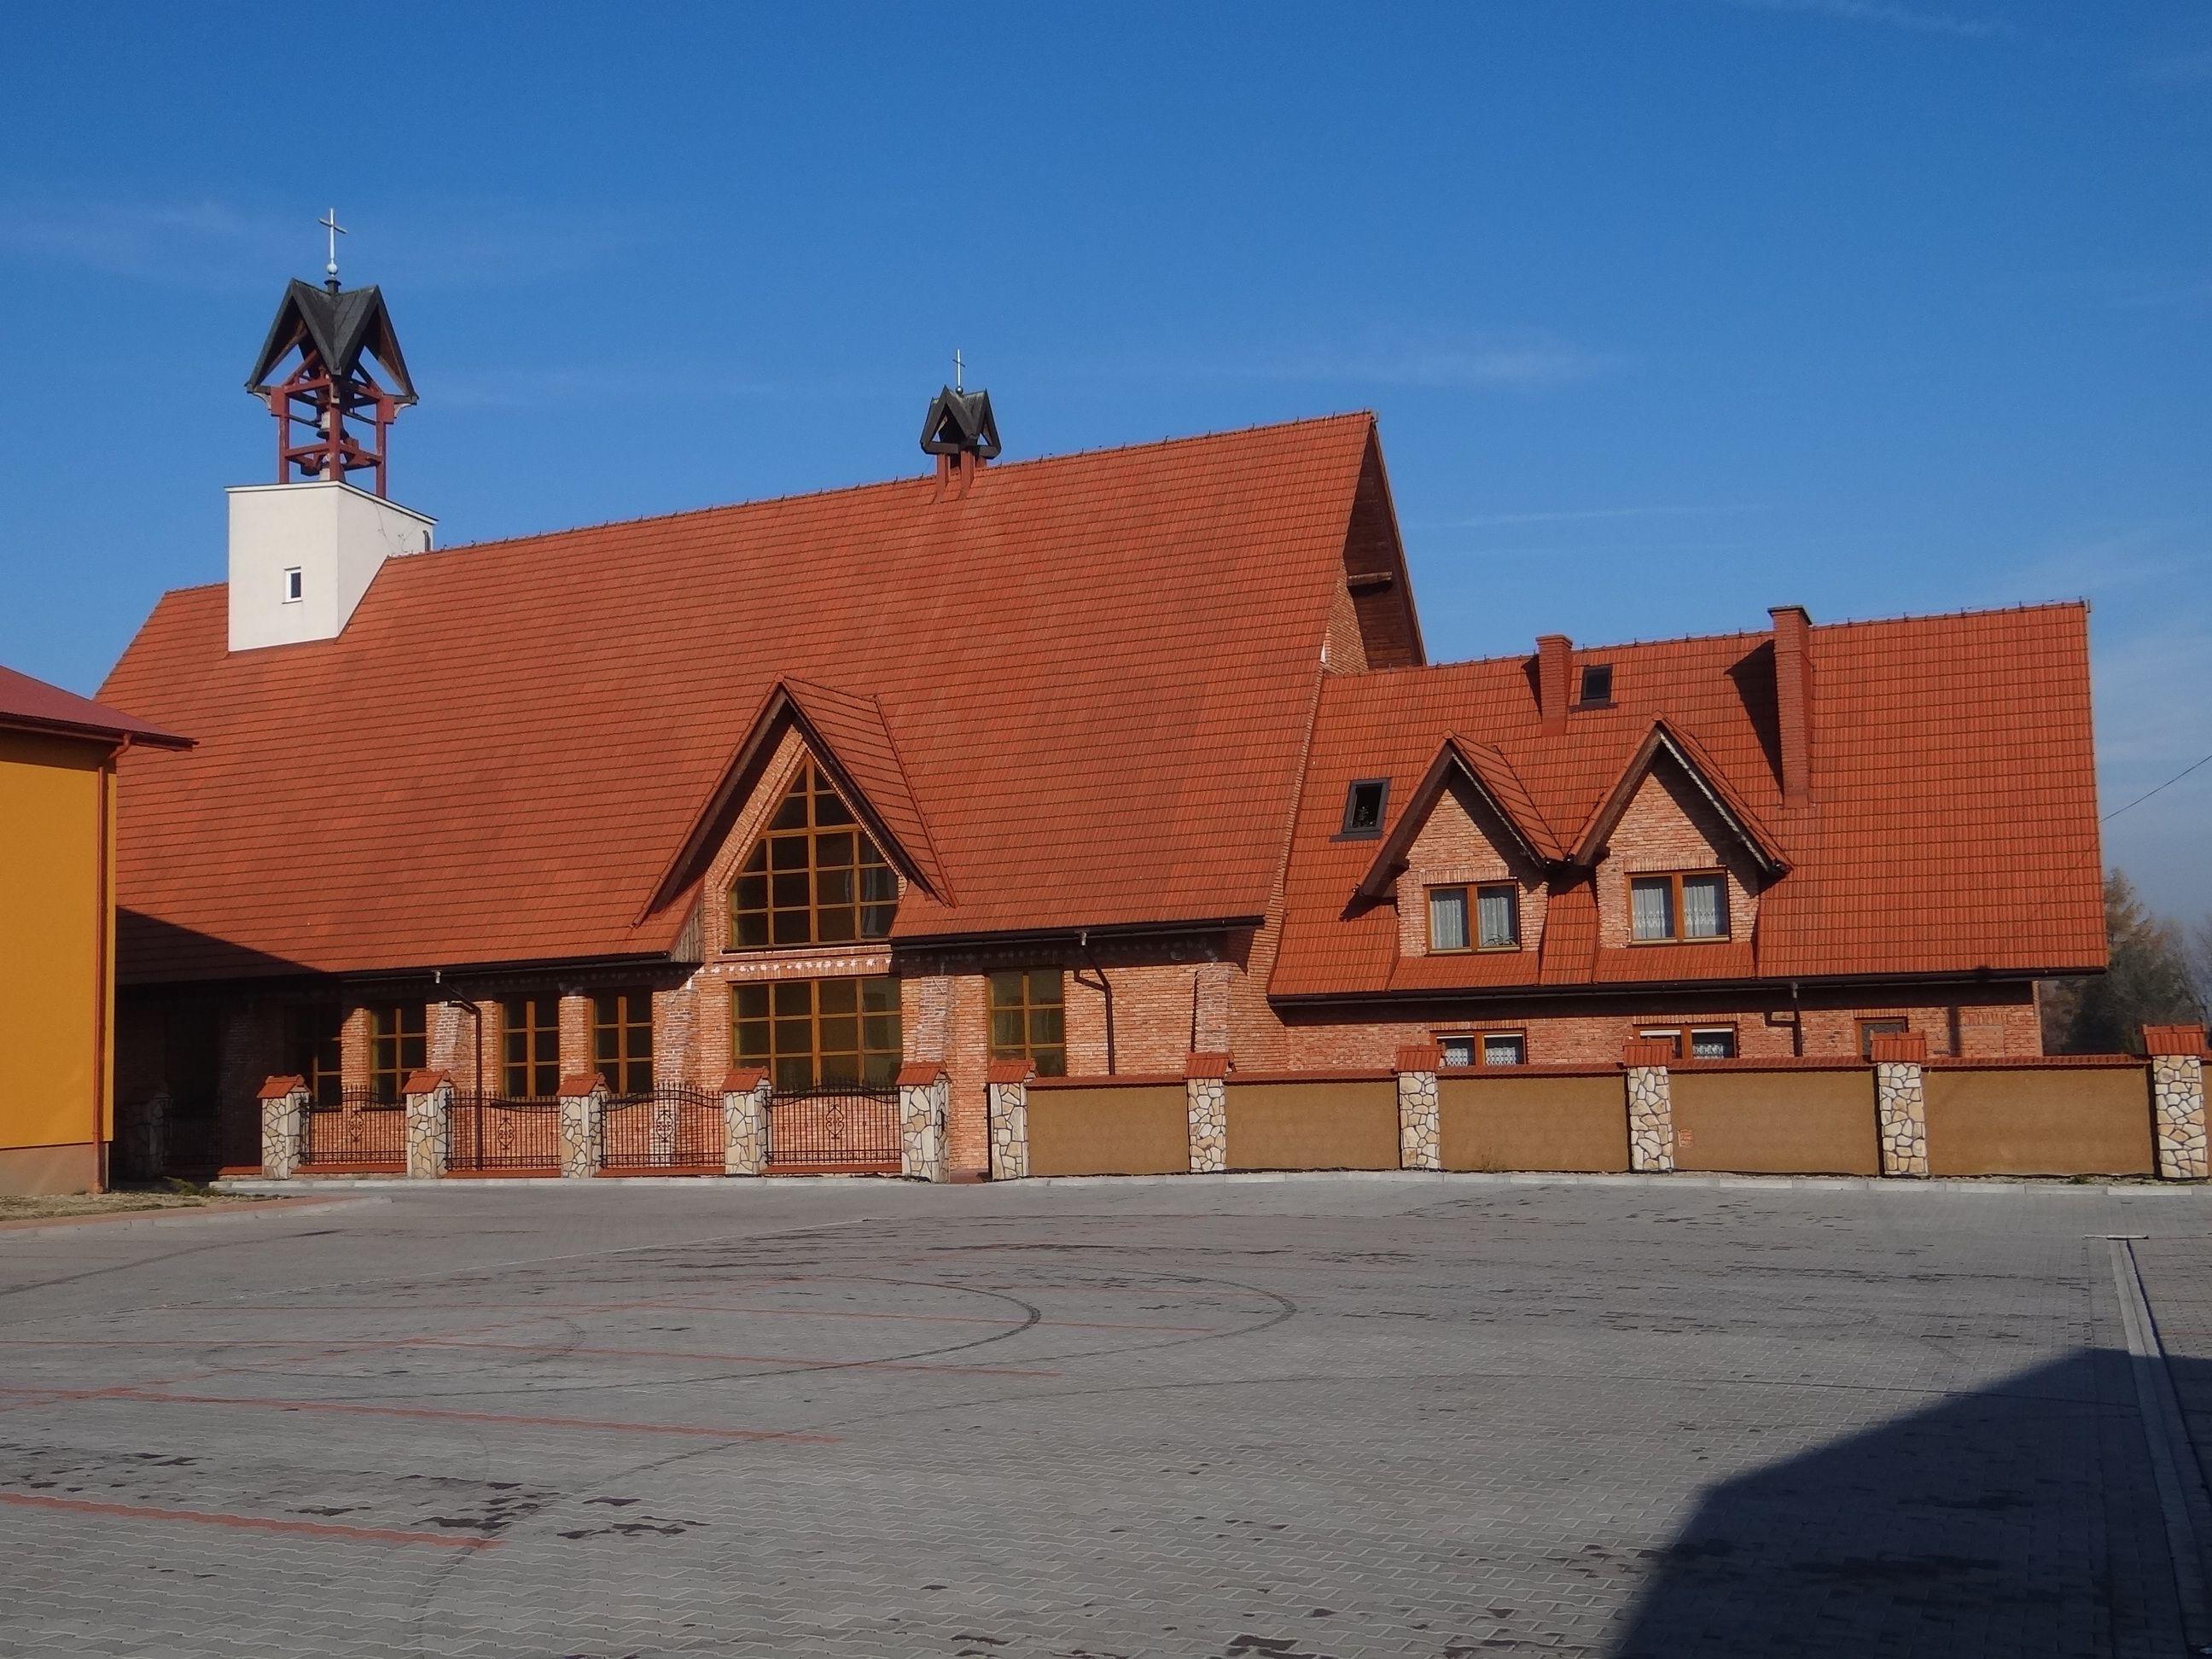 Lipnik, Parafia św. Jadwigi Królowej